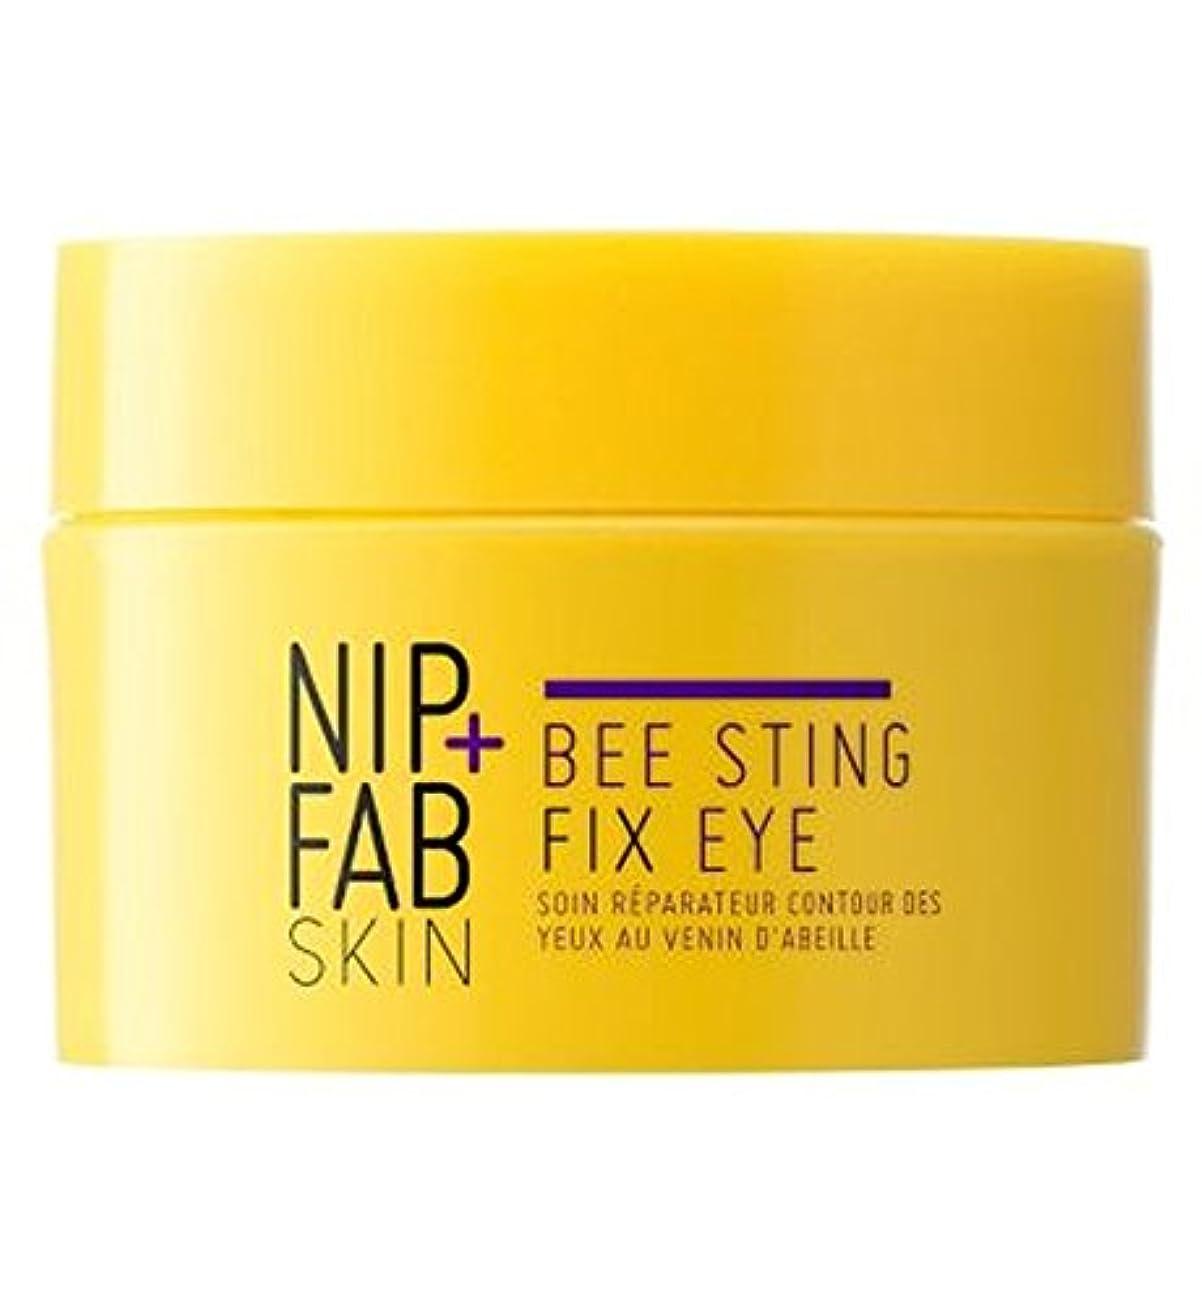 ストラップ見分ける申請者Nip+Fab Bee Sting Fix Eye Night - +ファブハチ刺されフィックス目の夜ニップ (Nip & Fab) [並行輸入品]